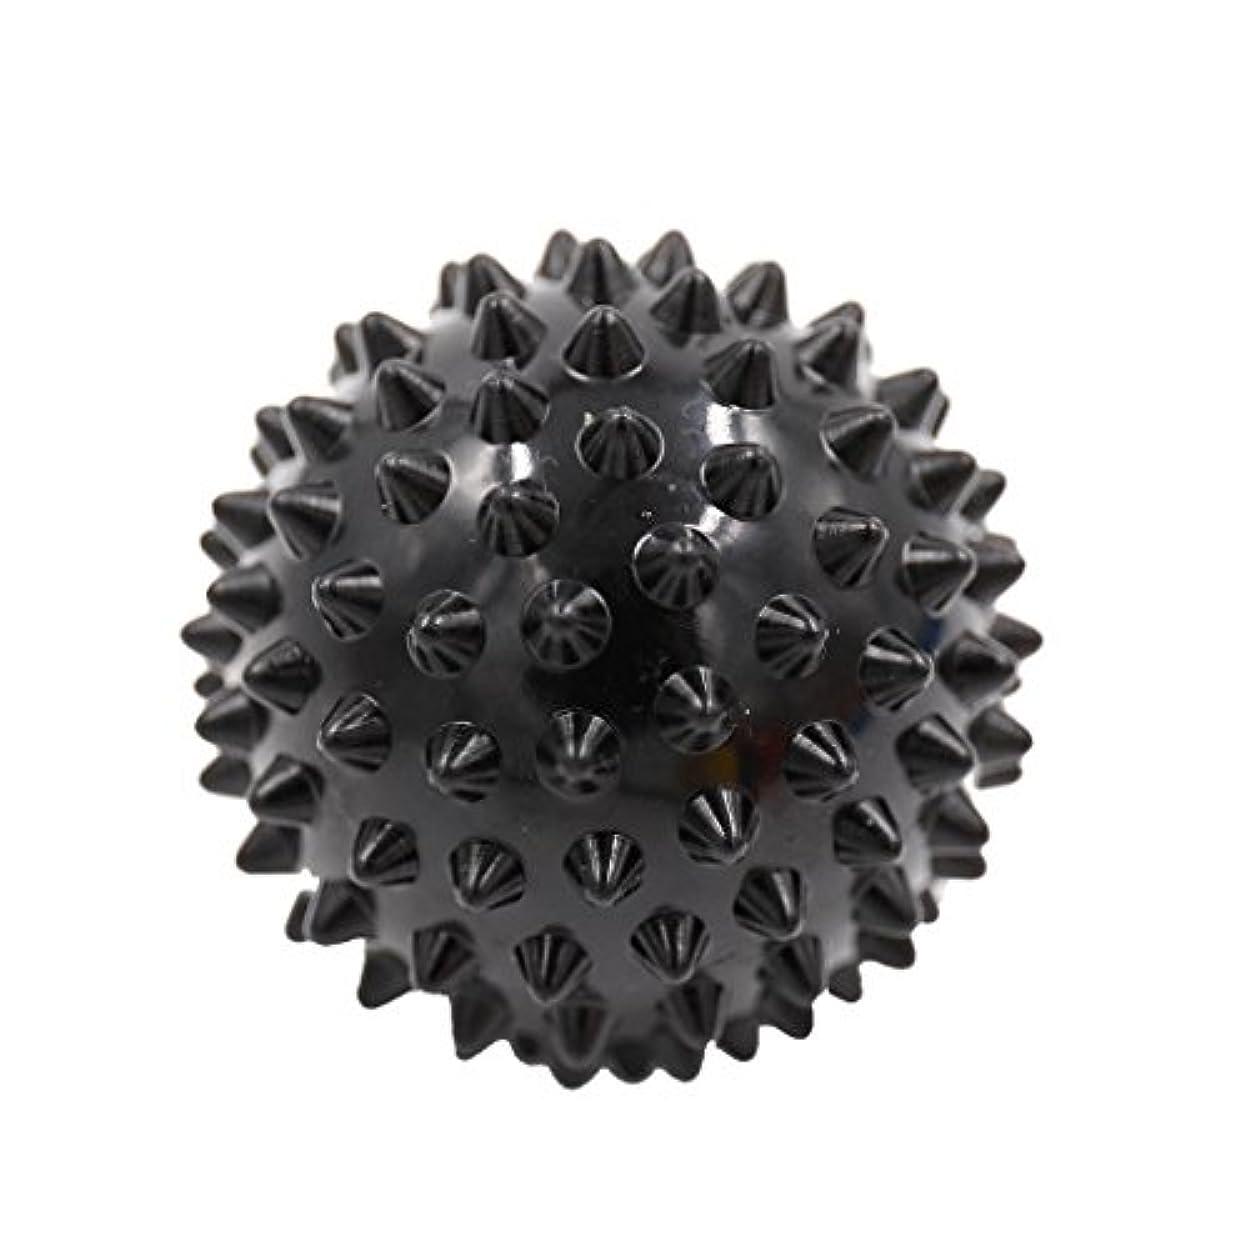 ペナルティ評価するバケットKesoto マッサージボール マッサージ器 ボディ パームレリーフ スパイク マッサージ 刺激ボール 3色選べ - ブラック